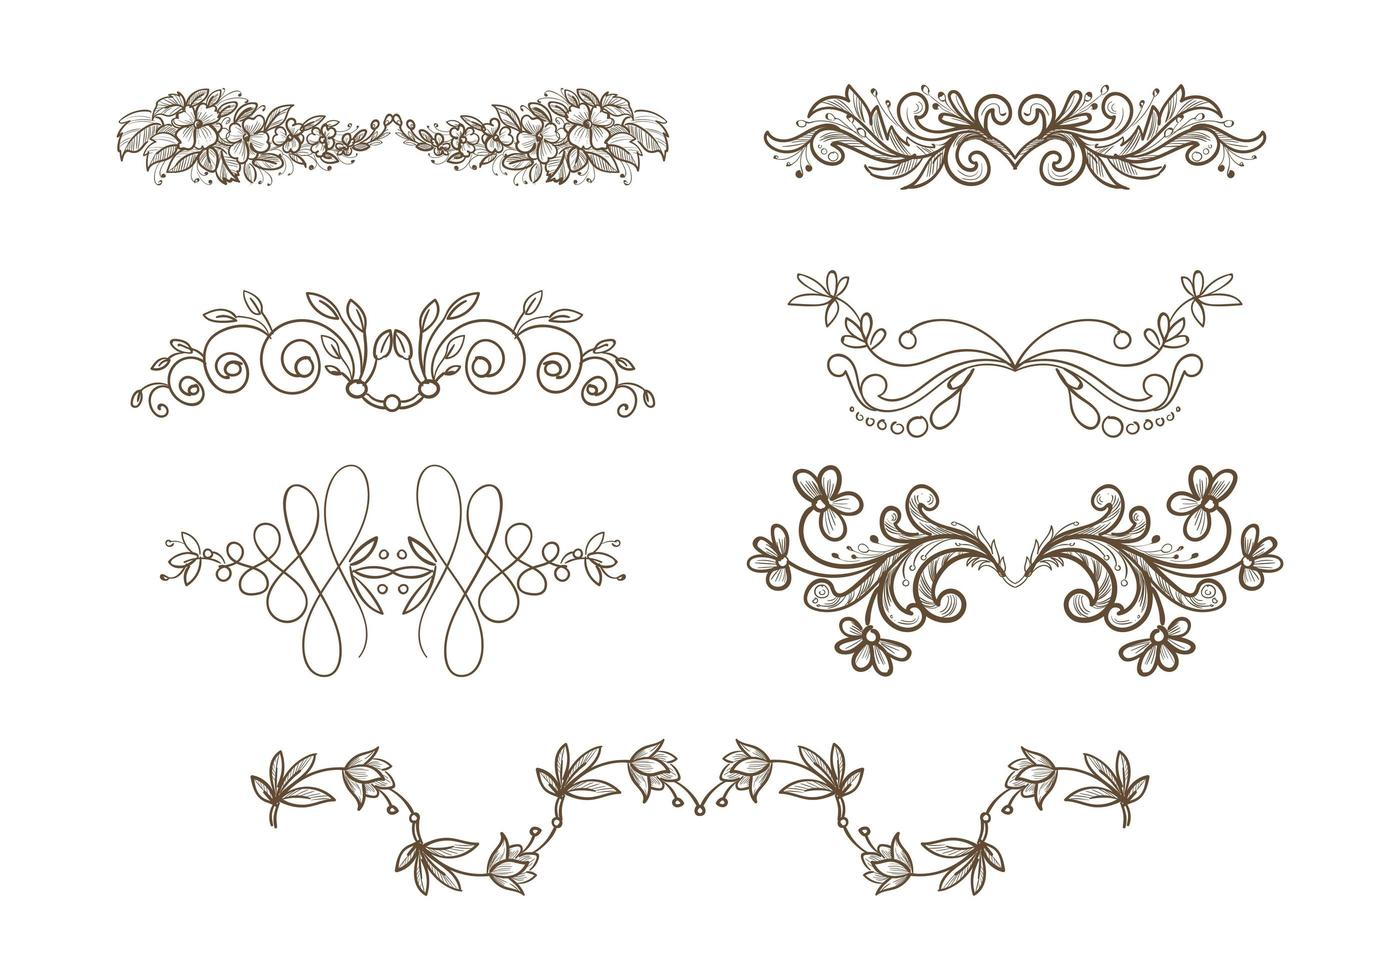 hermoso adorno de boda dibujado a mano diseño de conjunto floral vector